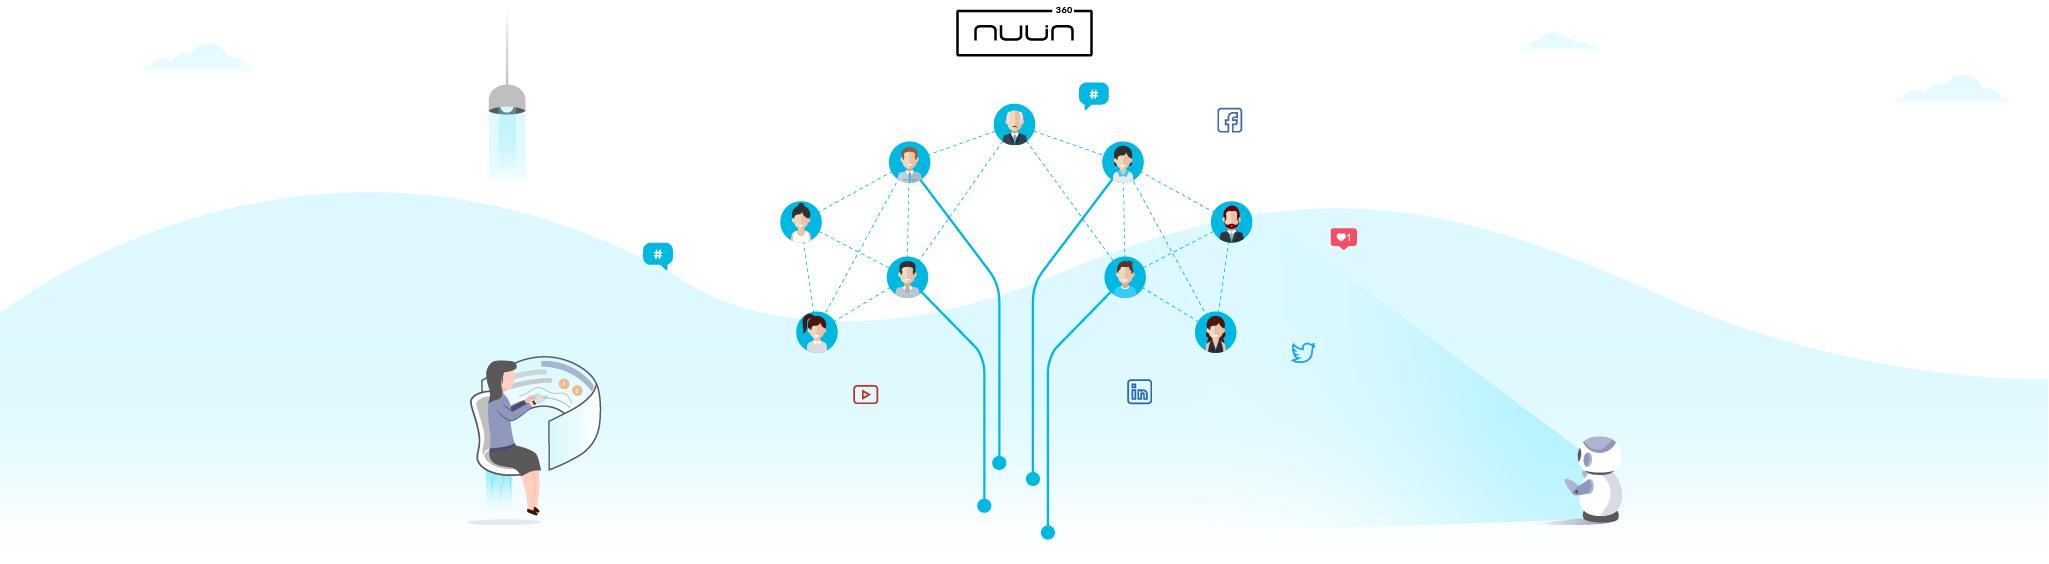 social media marketing solution in calgary